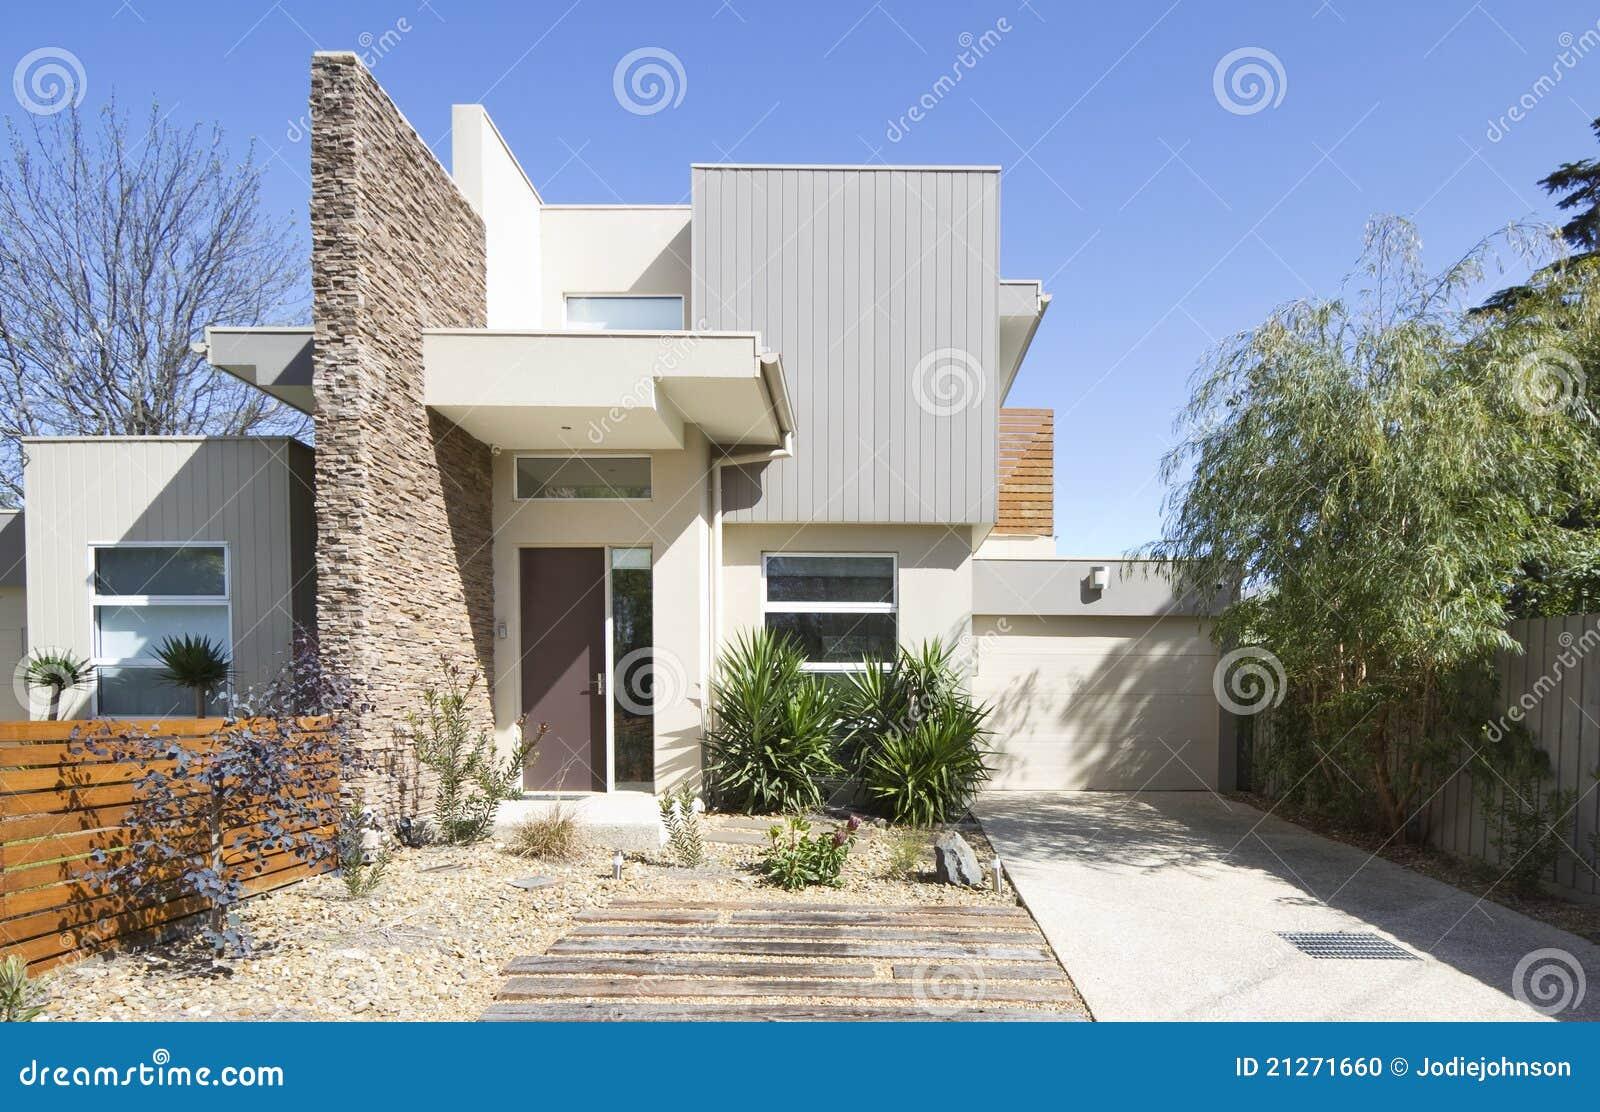 Fa ade d 39 une maison contemporaine de maison urbaine photo for Achat dune maison